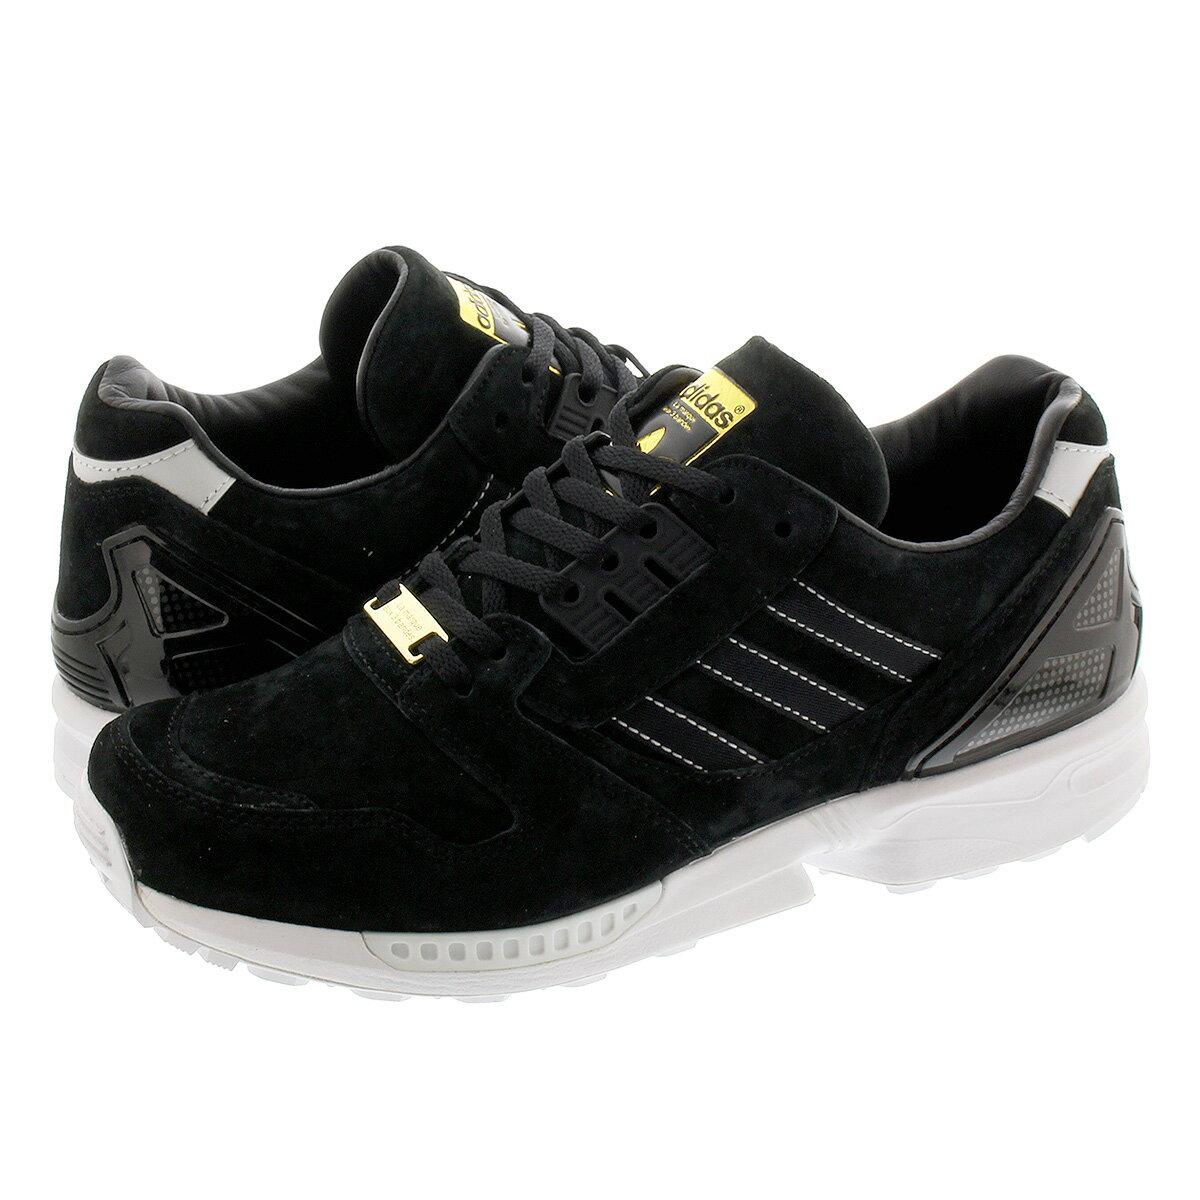 メンズ靴, スニーカー adidas ZX 8000 ZX 8000 CORE BLACKCORE BLACKFTWR WHITE eh1505